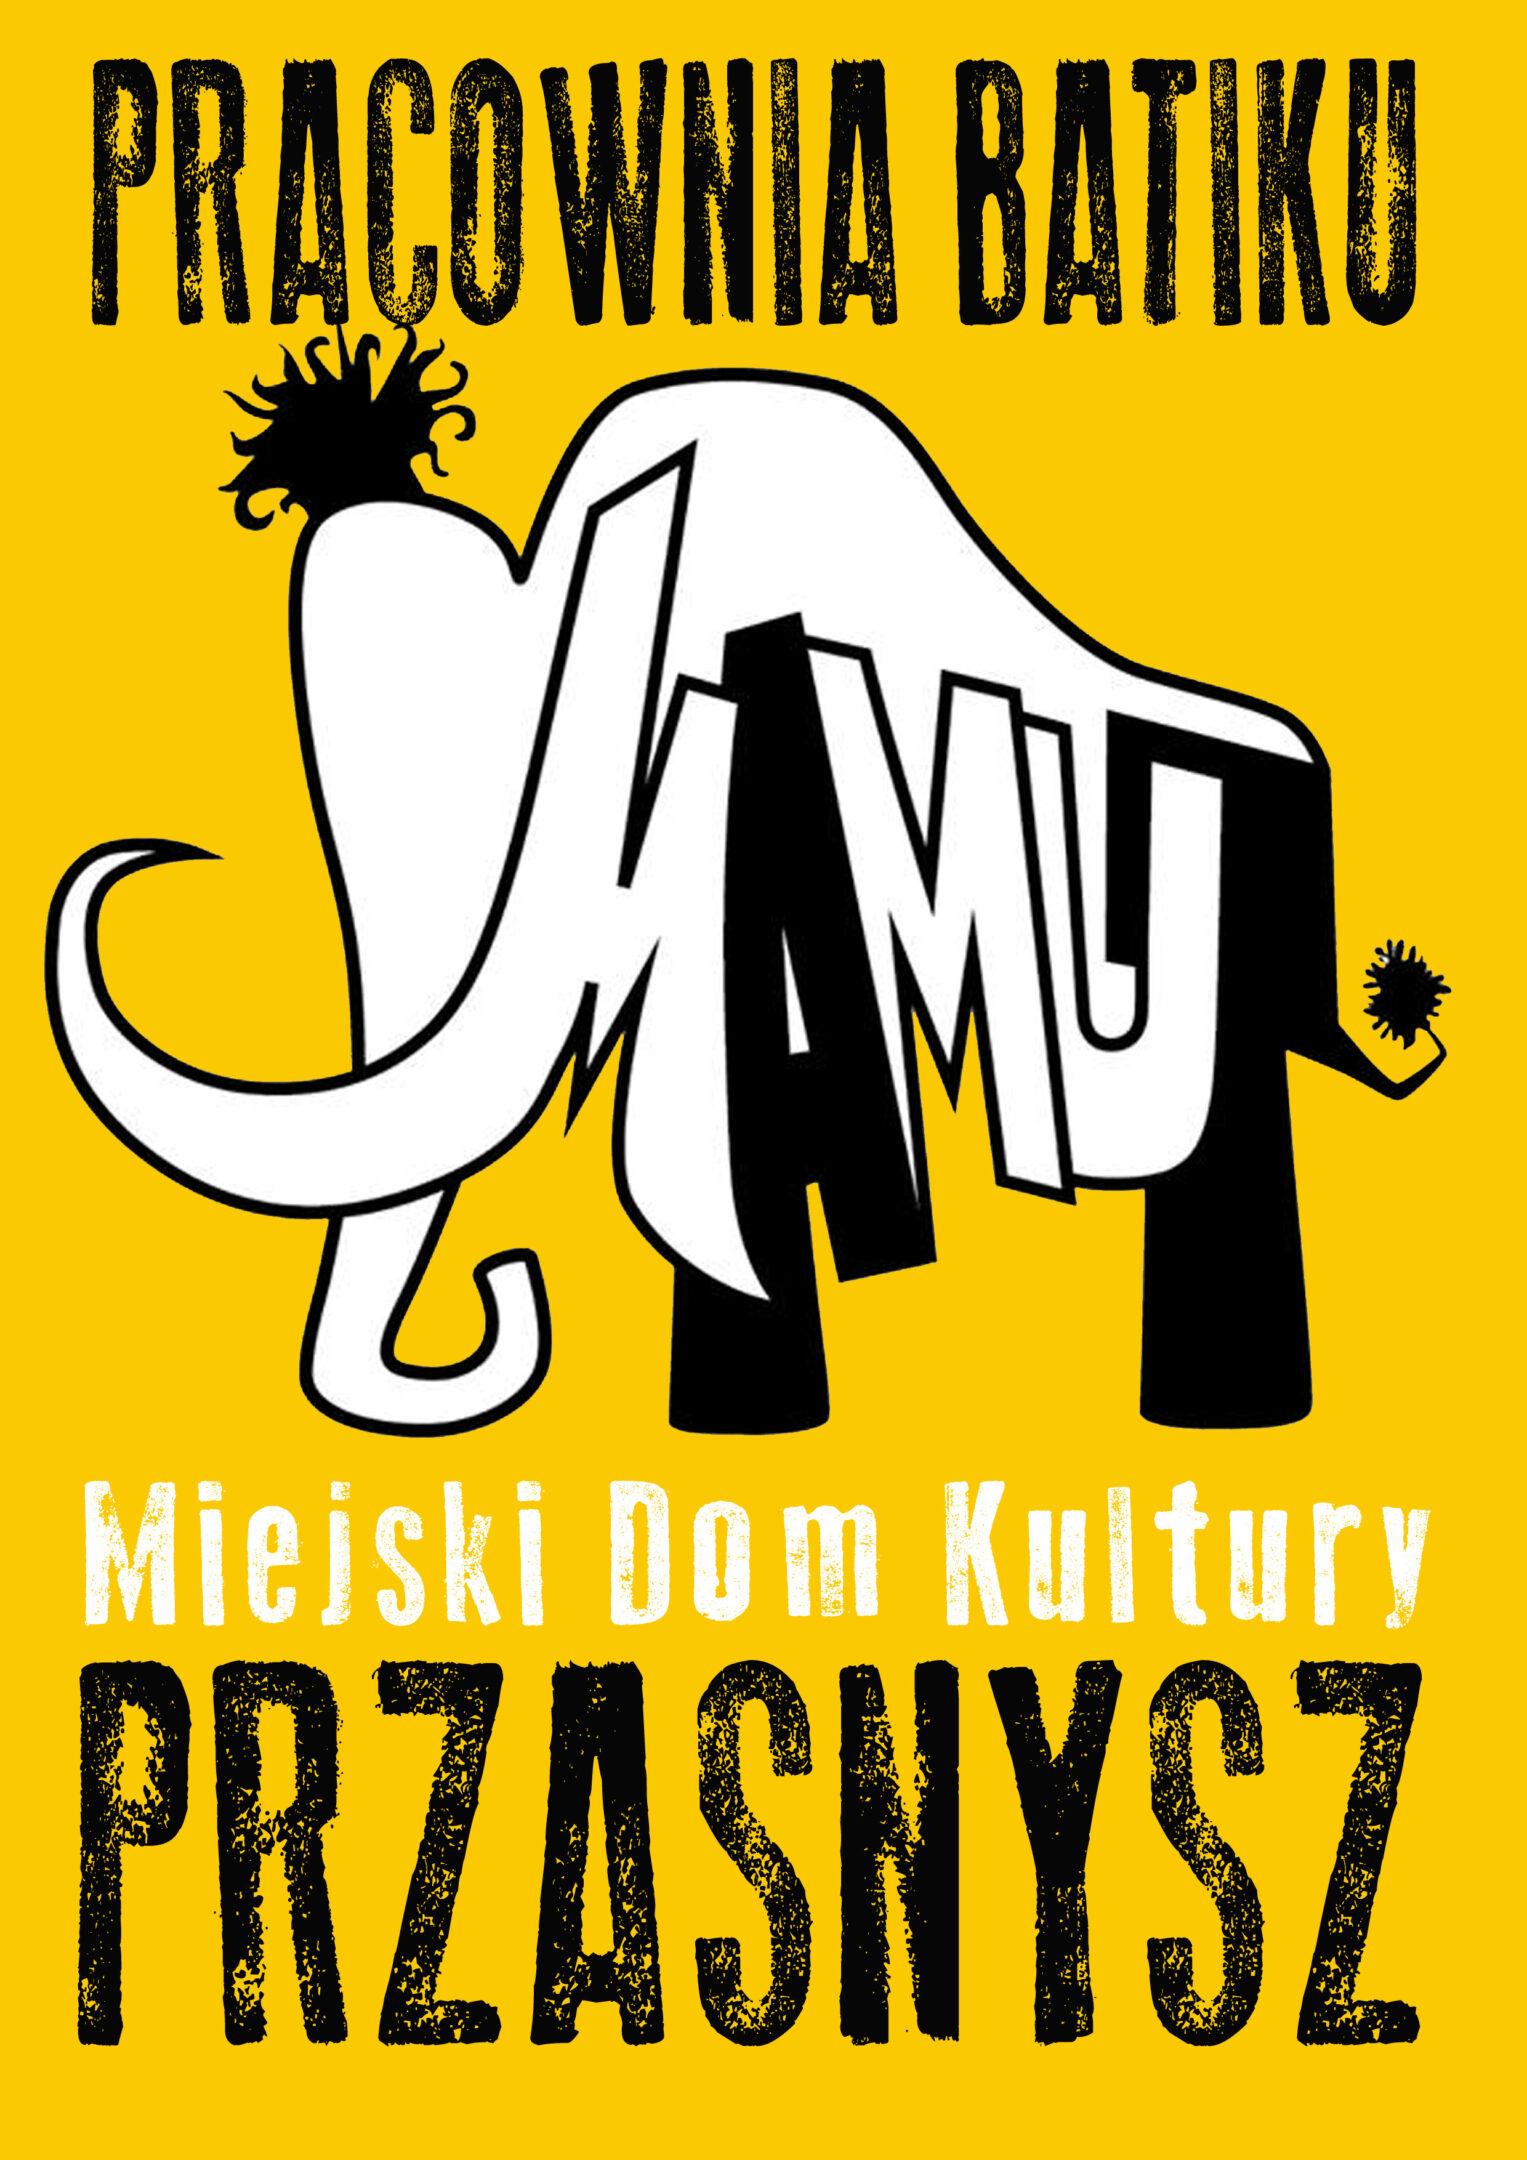 Grafika. Na żółtym tle na środku znajduje się mamut oraz napis Pracownia Batiku Mamut Miejski Dom Kultury Przasnysz